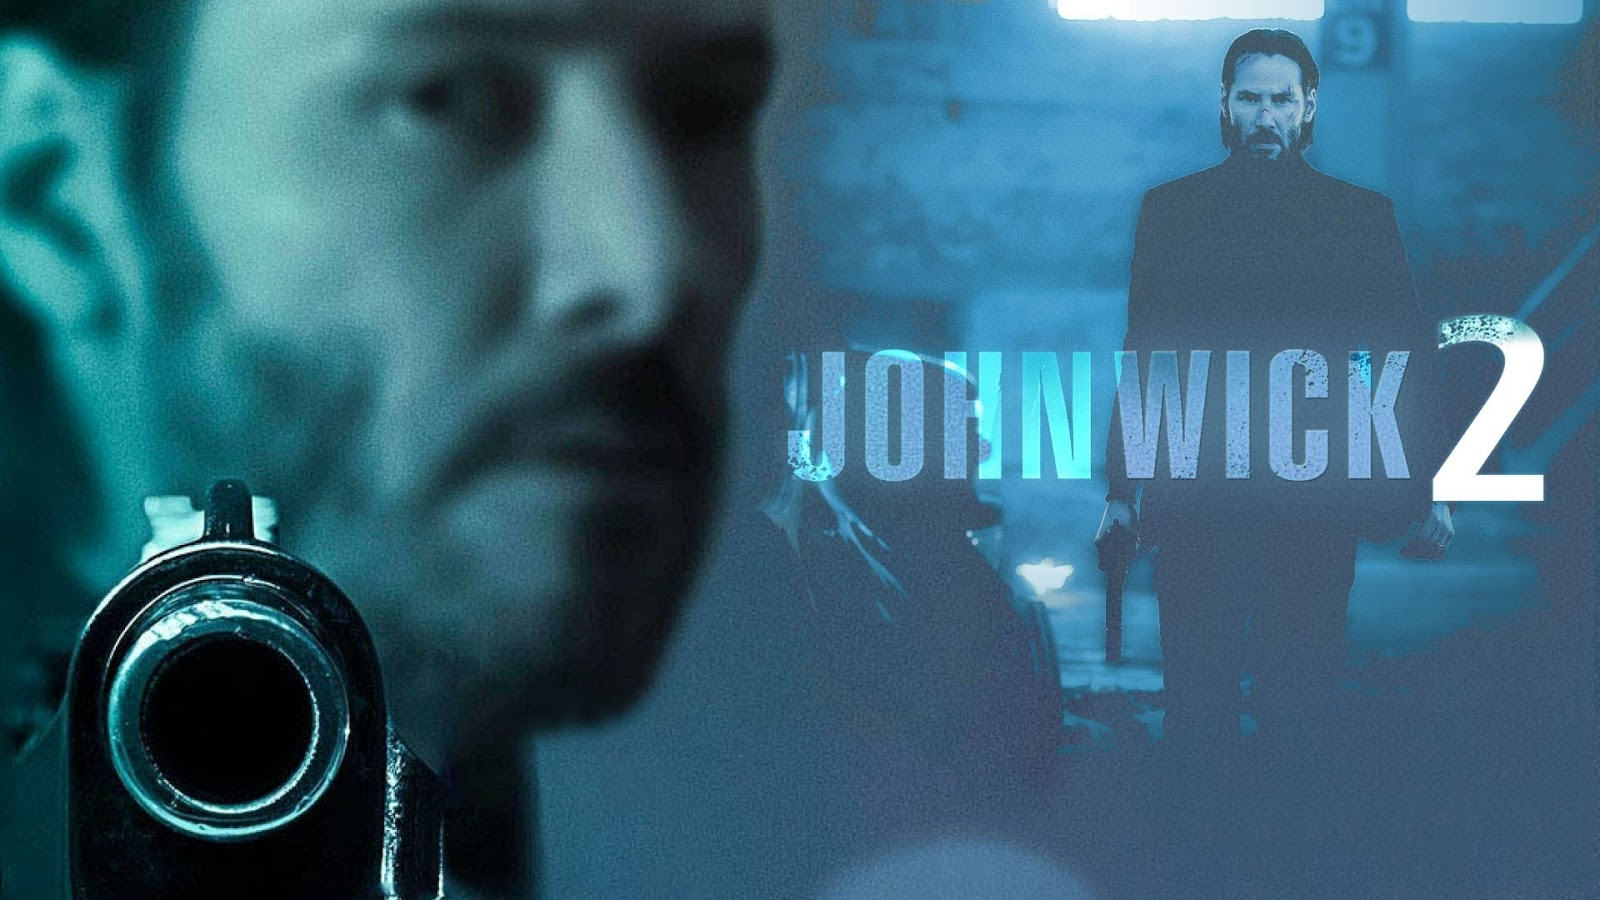 SCARICARE JOHN WICK 2